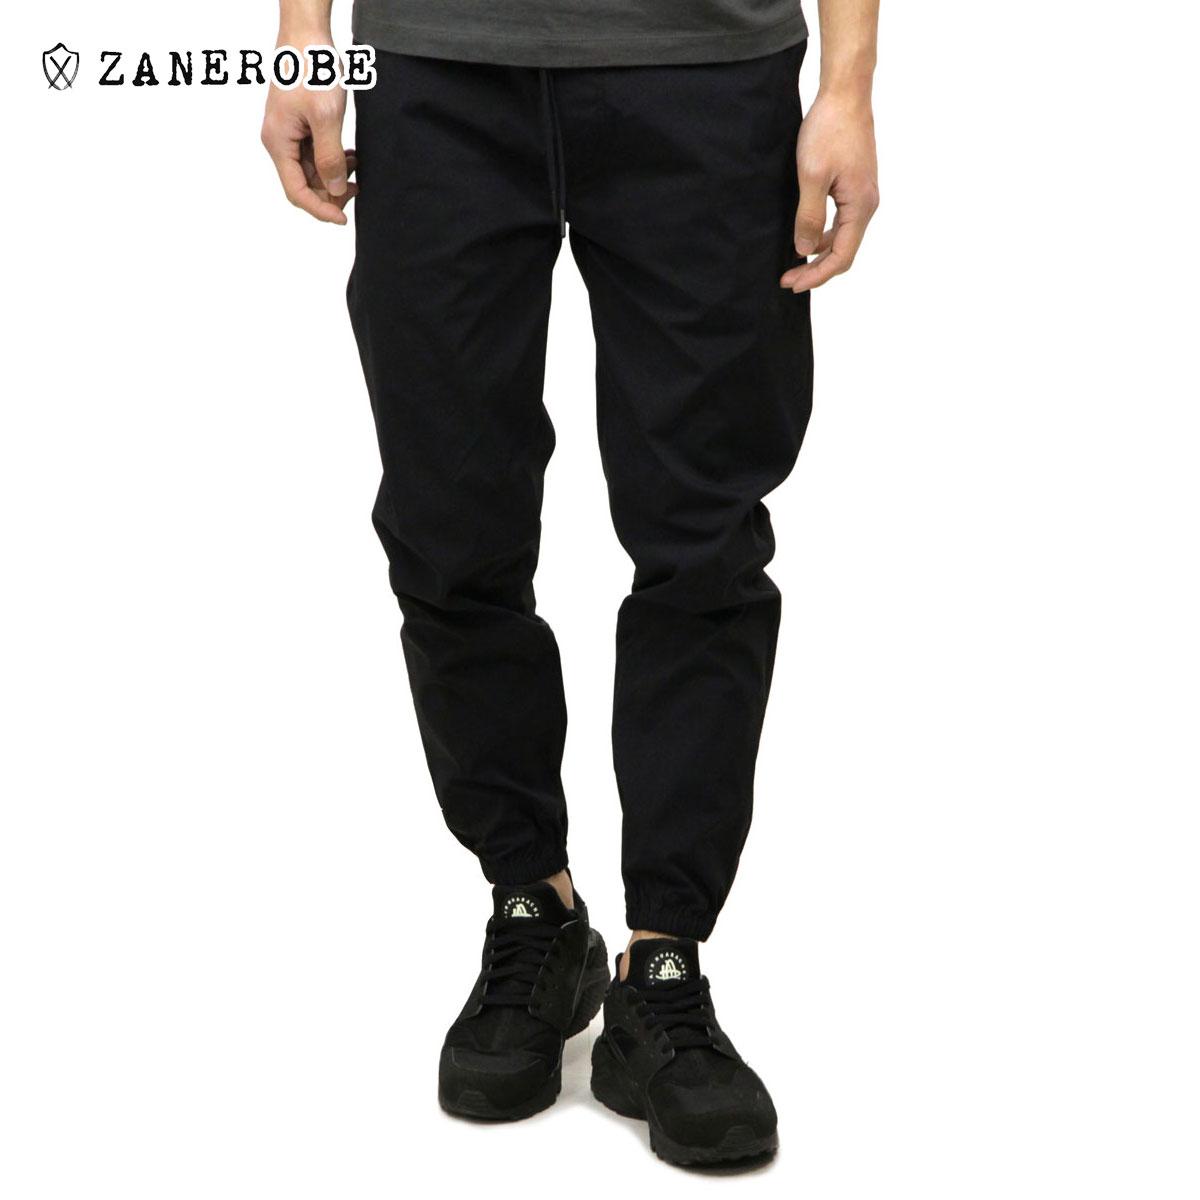 ゼンローブ ZANEROBE 正規販売店 メンズ チノパン JUMPSHOT JOGGER PANTS BLACK 700-PRE